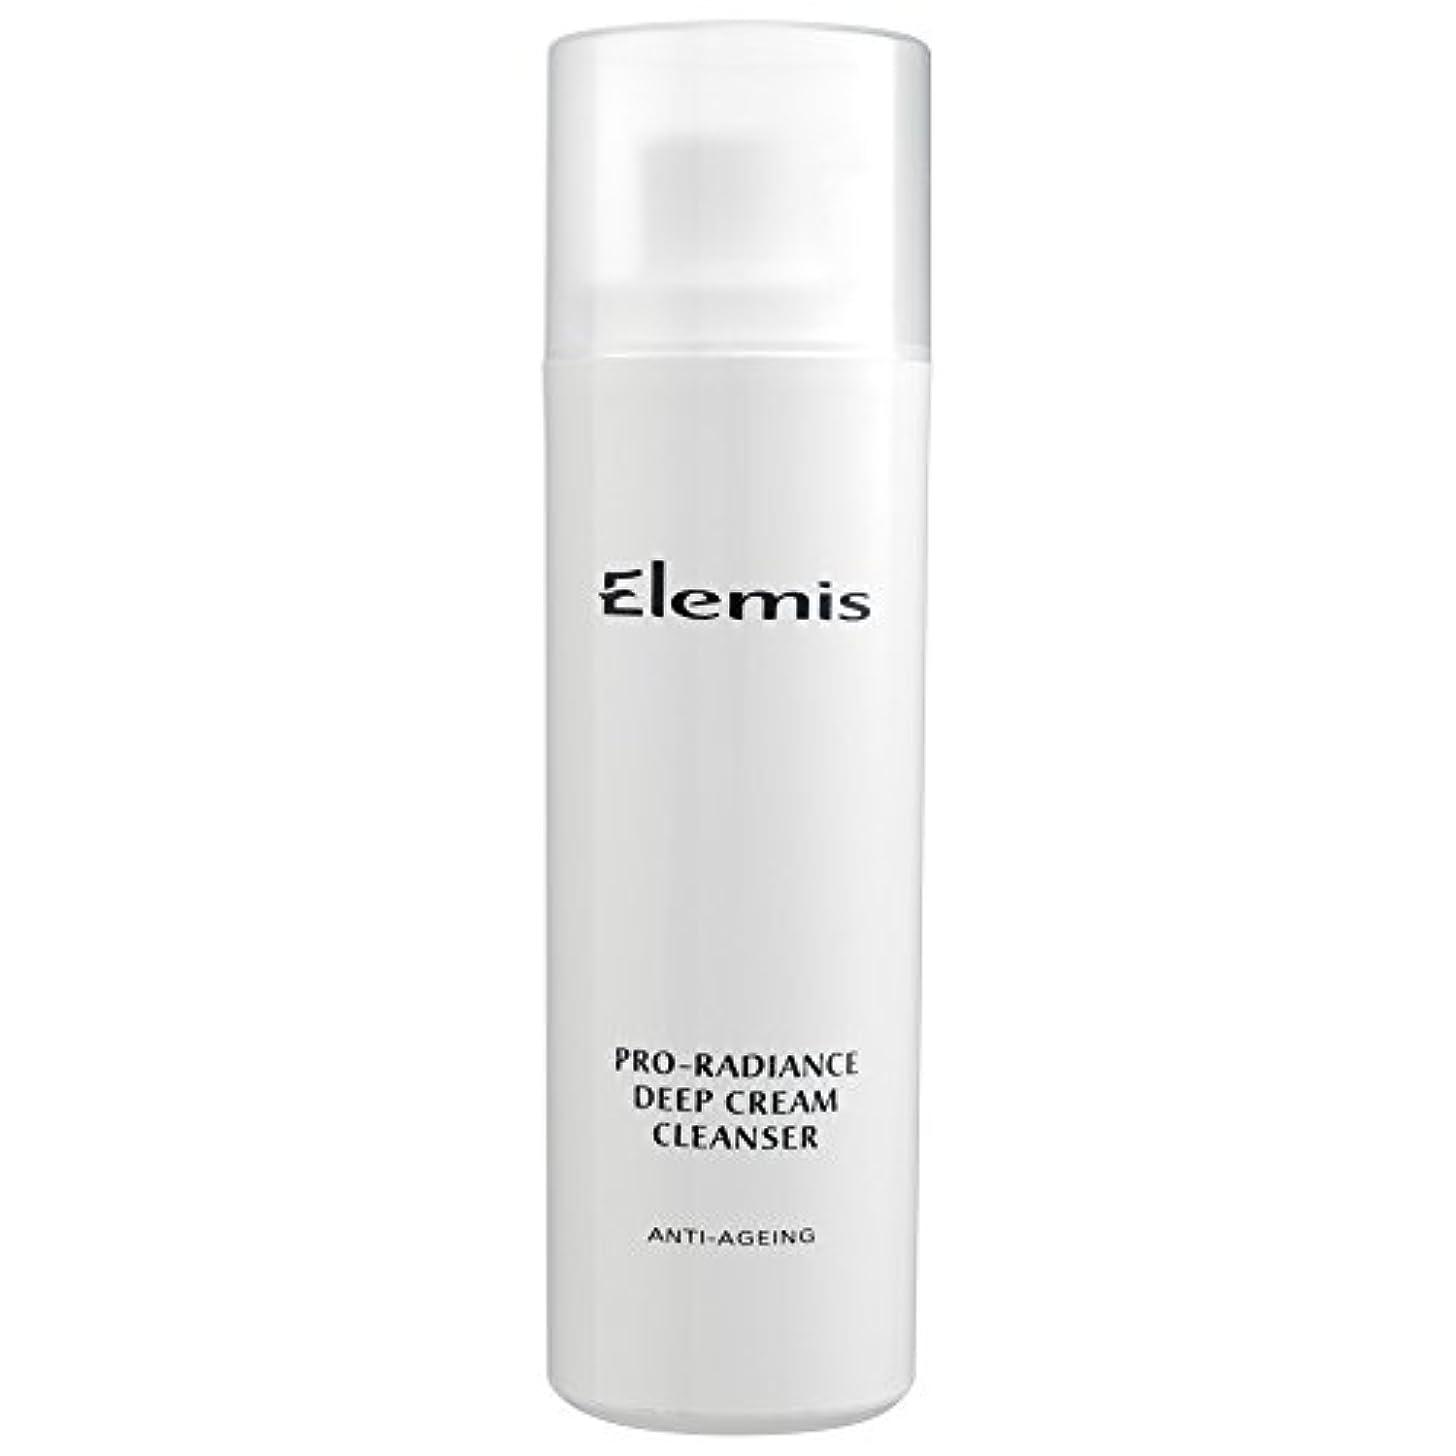 アーネストシャクルトン倒産論理的エレミスプロ輝きクリームクレンザー、150ミリリットル (Elemis) - Elemis Pro-Radiance Cream Cleanser, 150ml [並行輸入品]